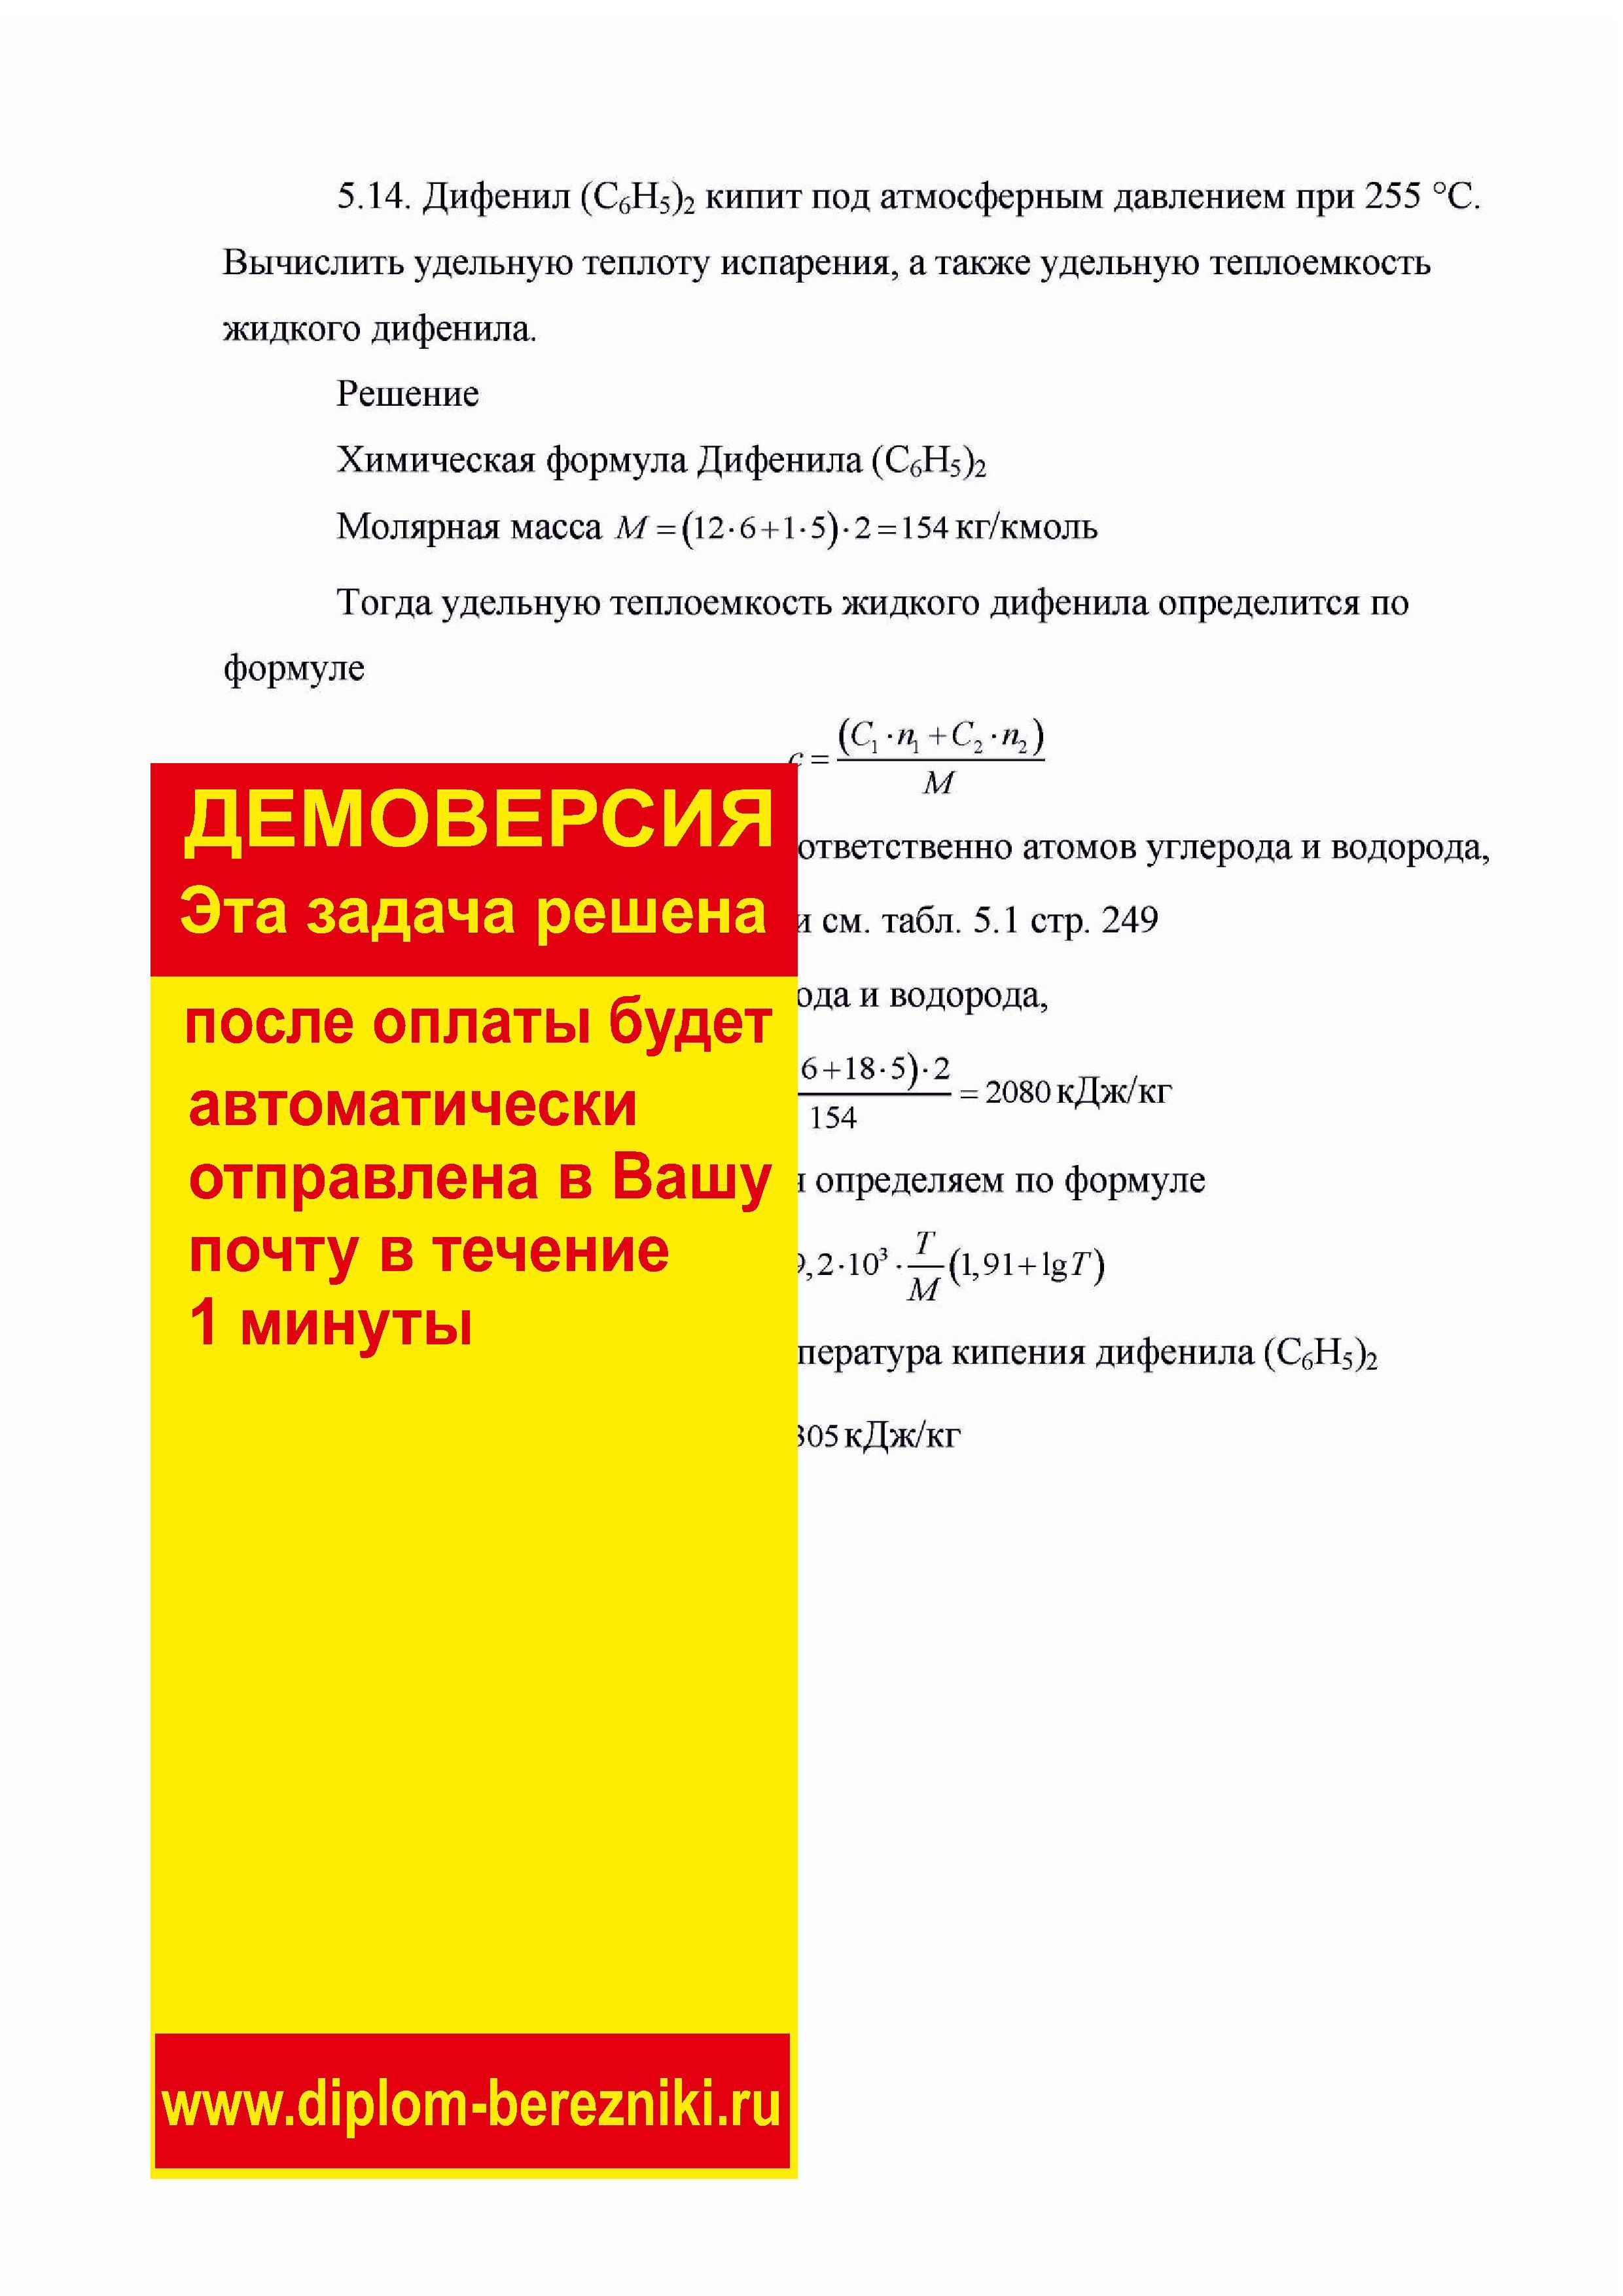 Решение задачи 5.14 по ПАХТ из задачника Павлова Романкова Носкова